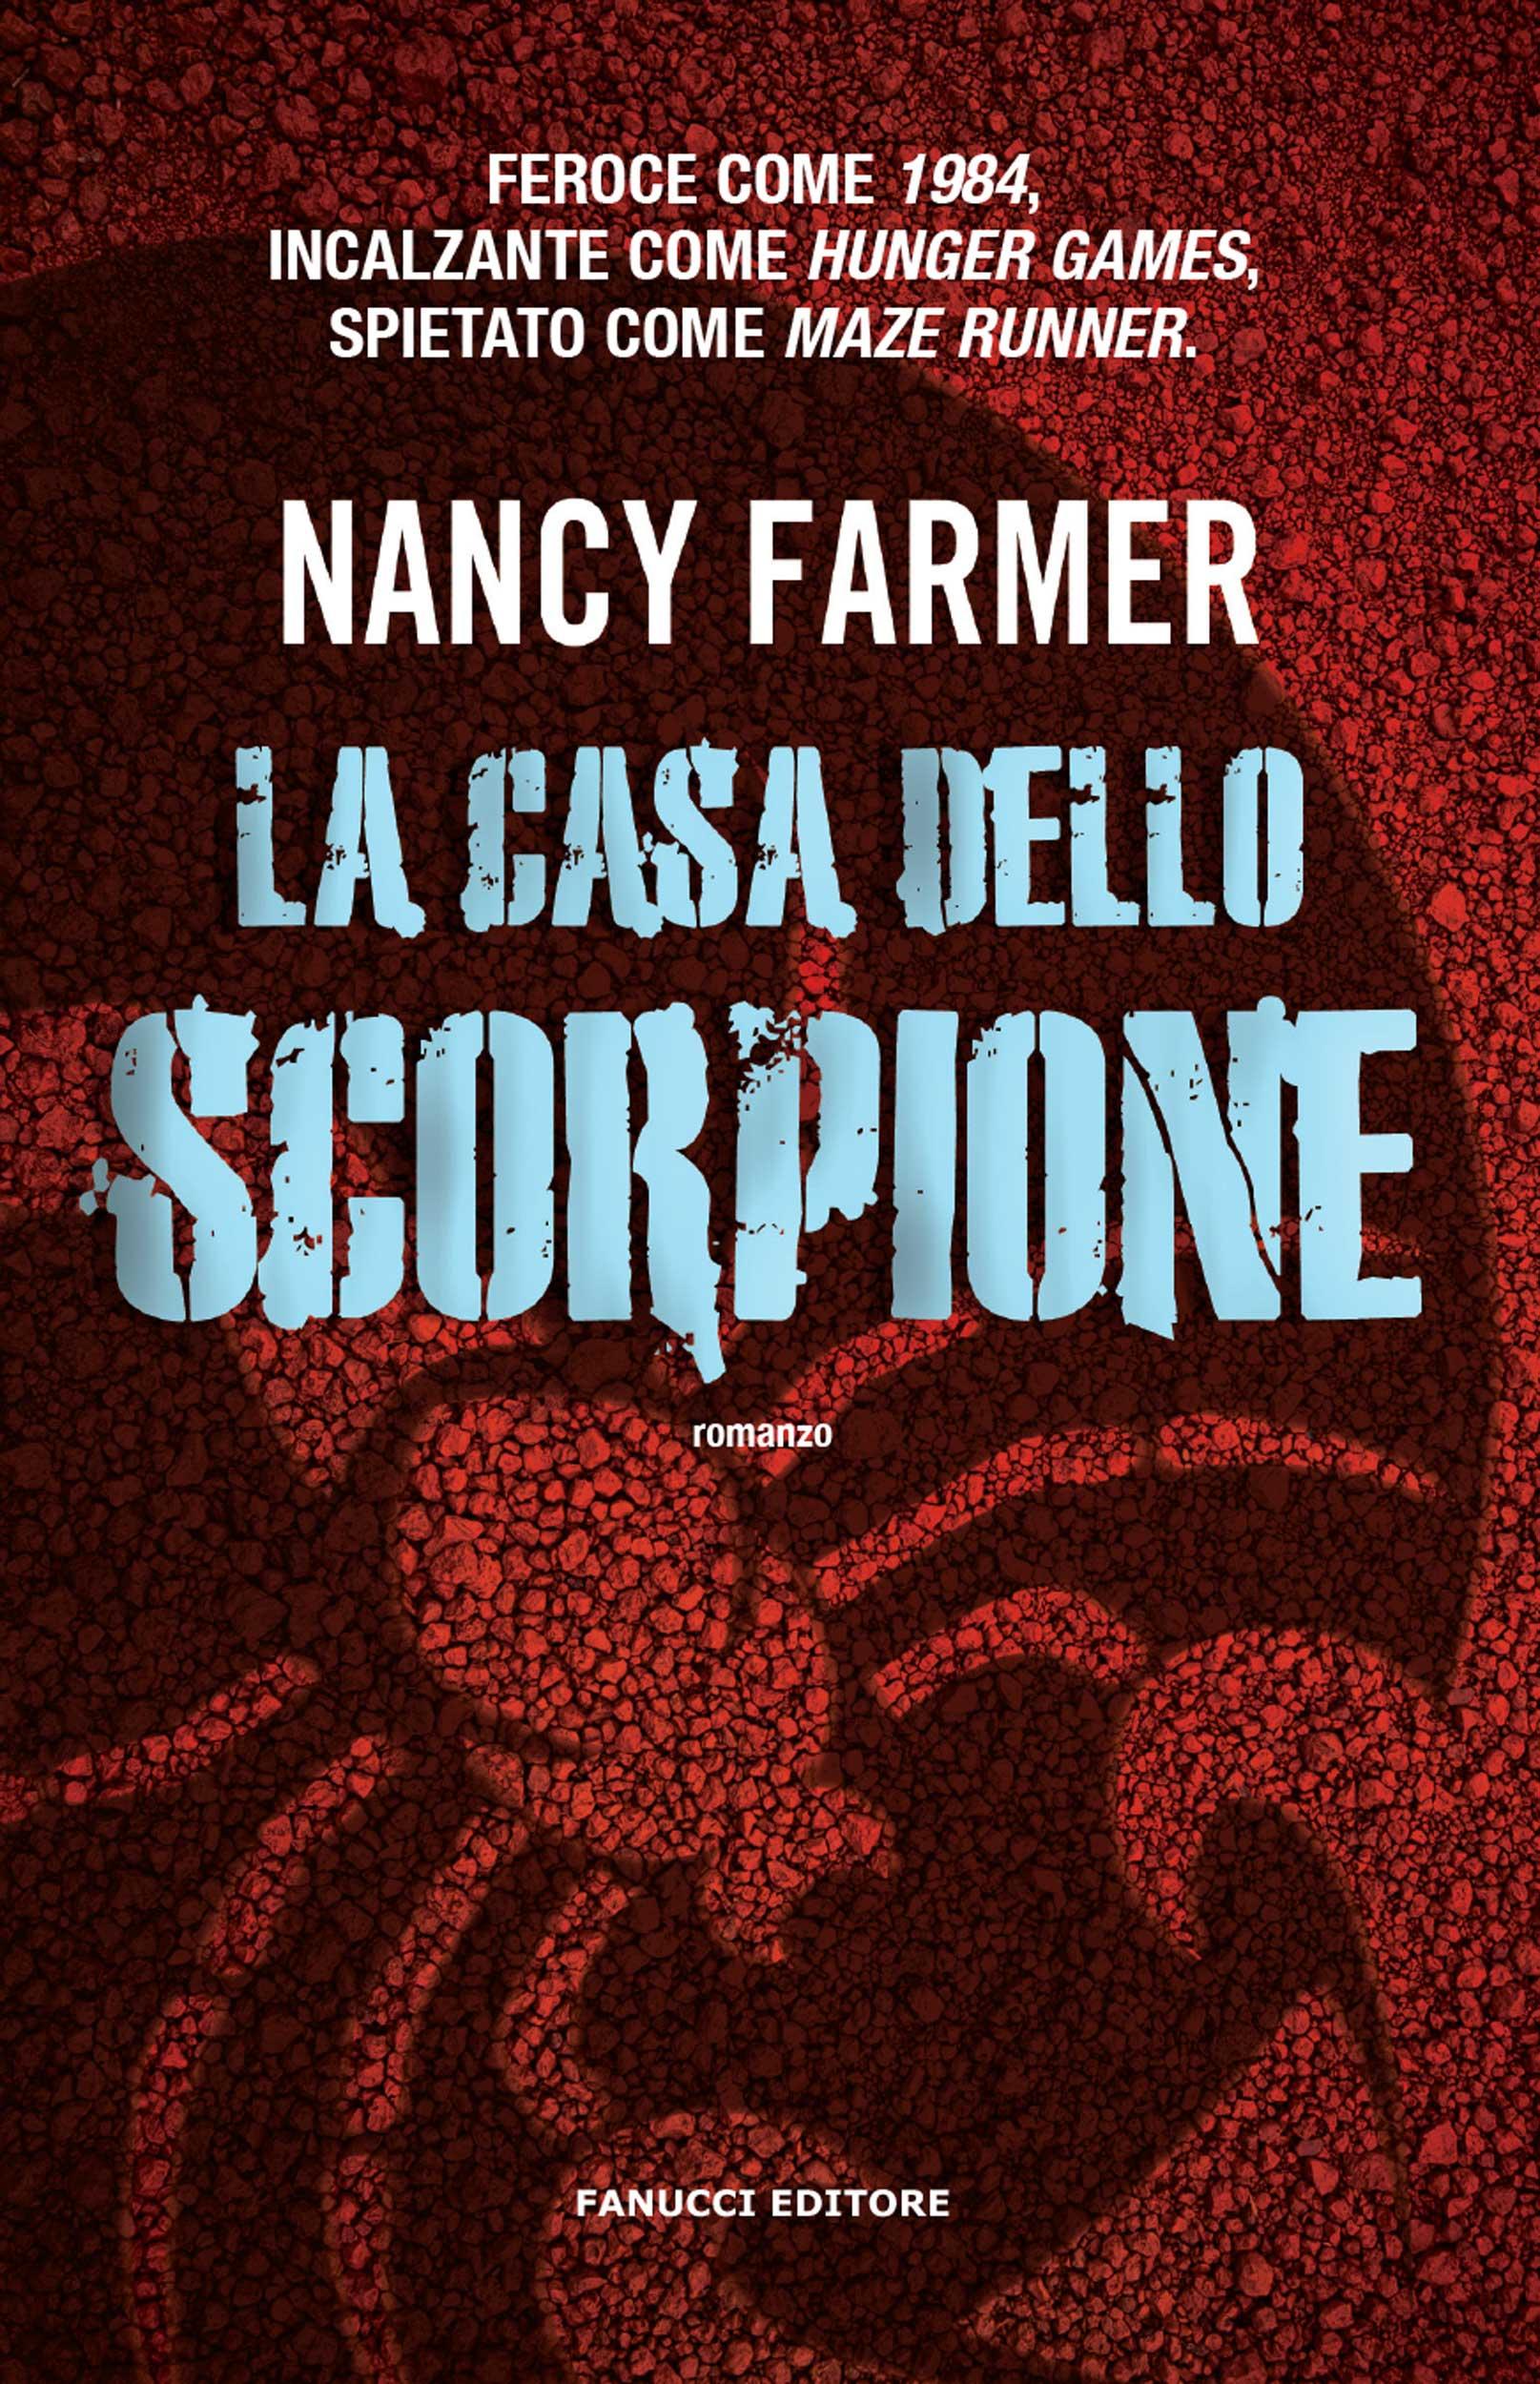 farmer_la_casa_dello_scorpione